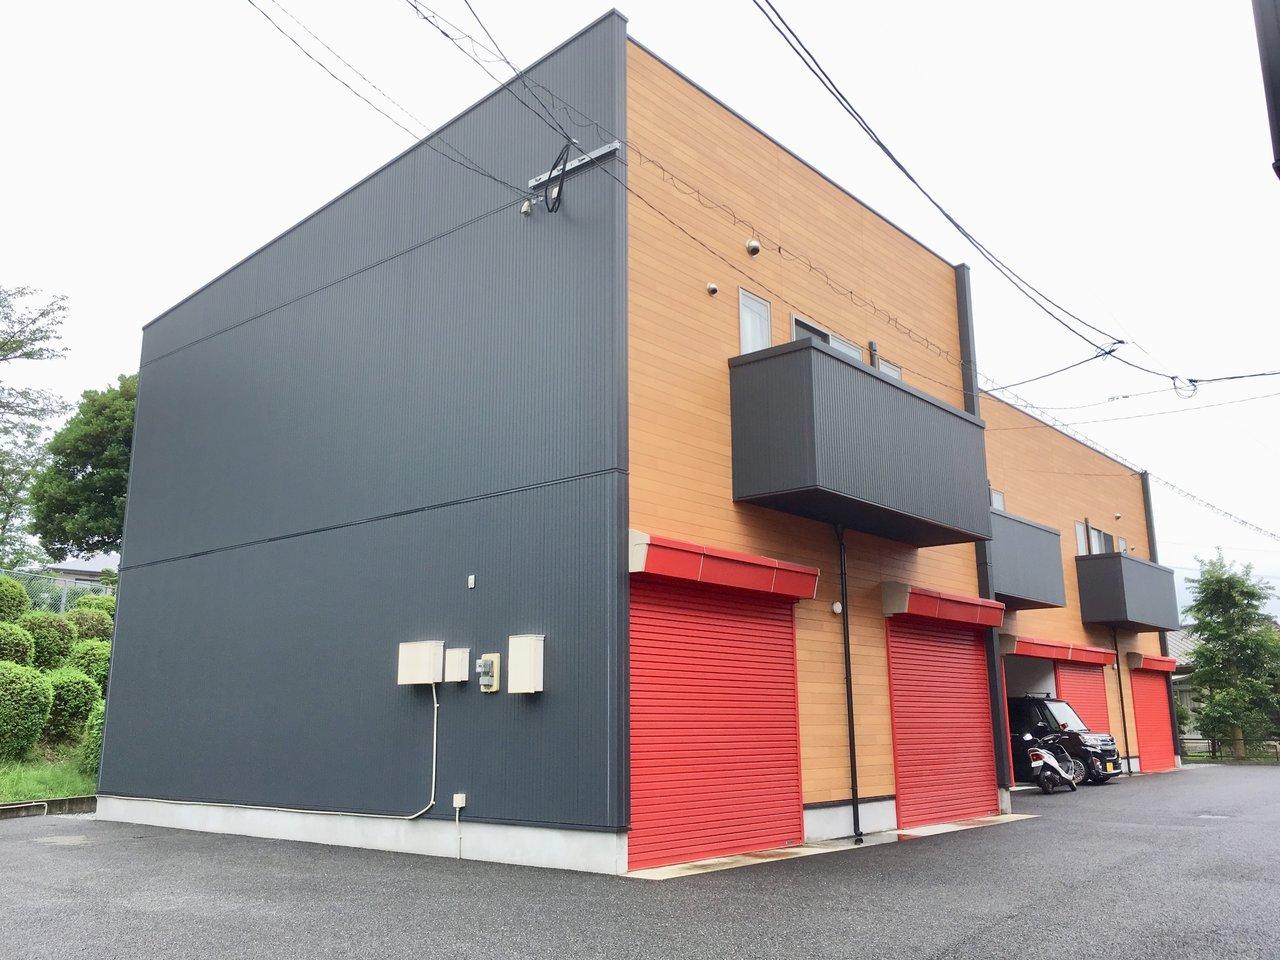 個性的な外観がかっこいい、築浅のデザイナーズです。赤いガレージにテンションが上がります。